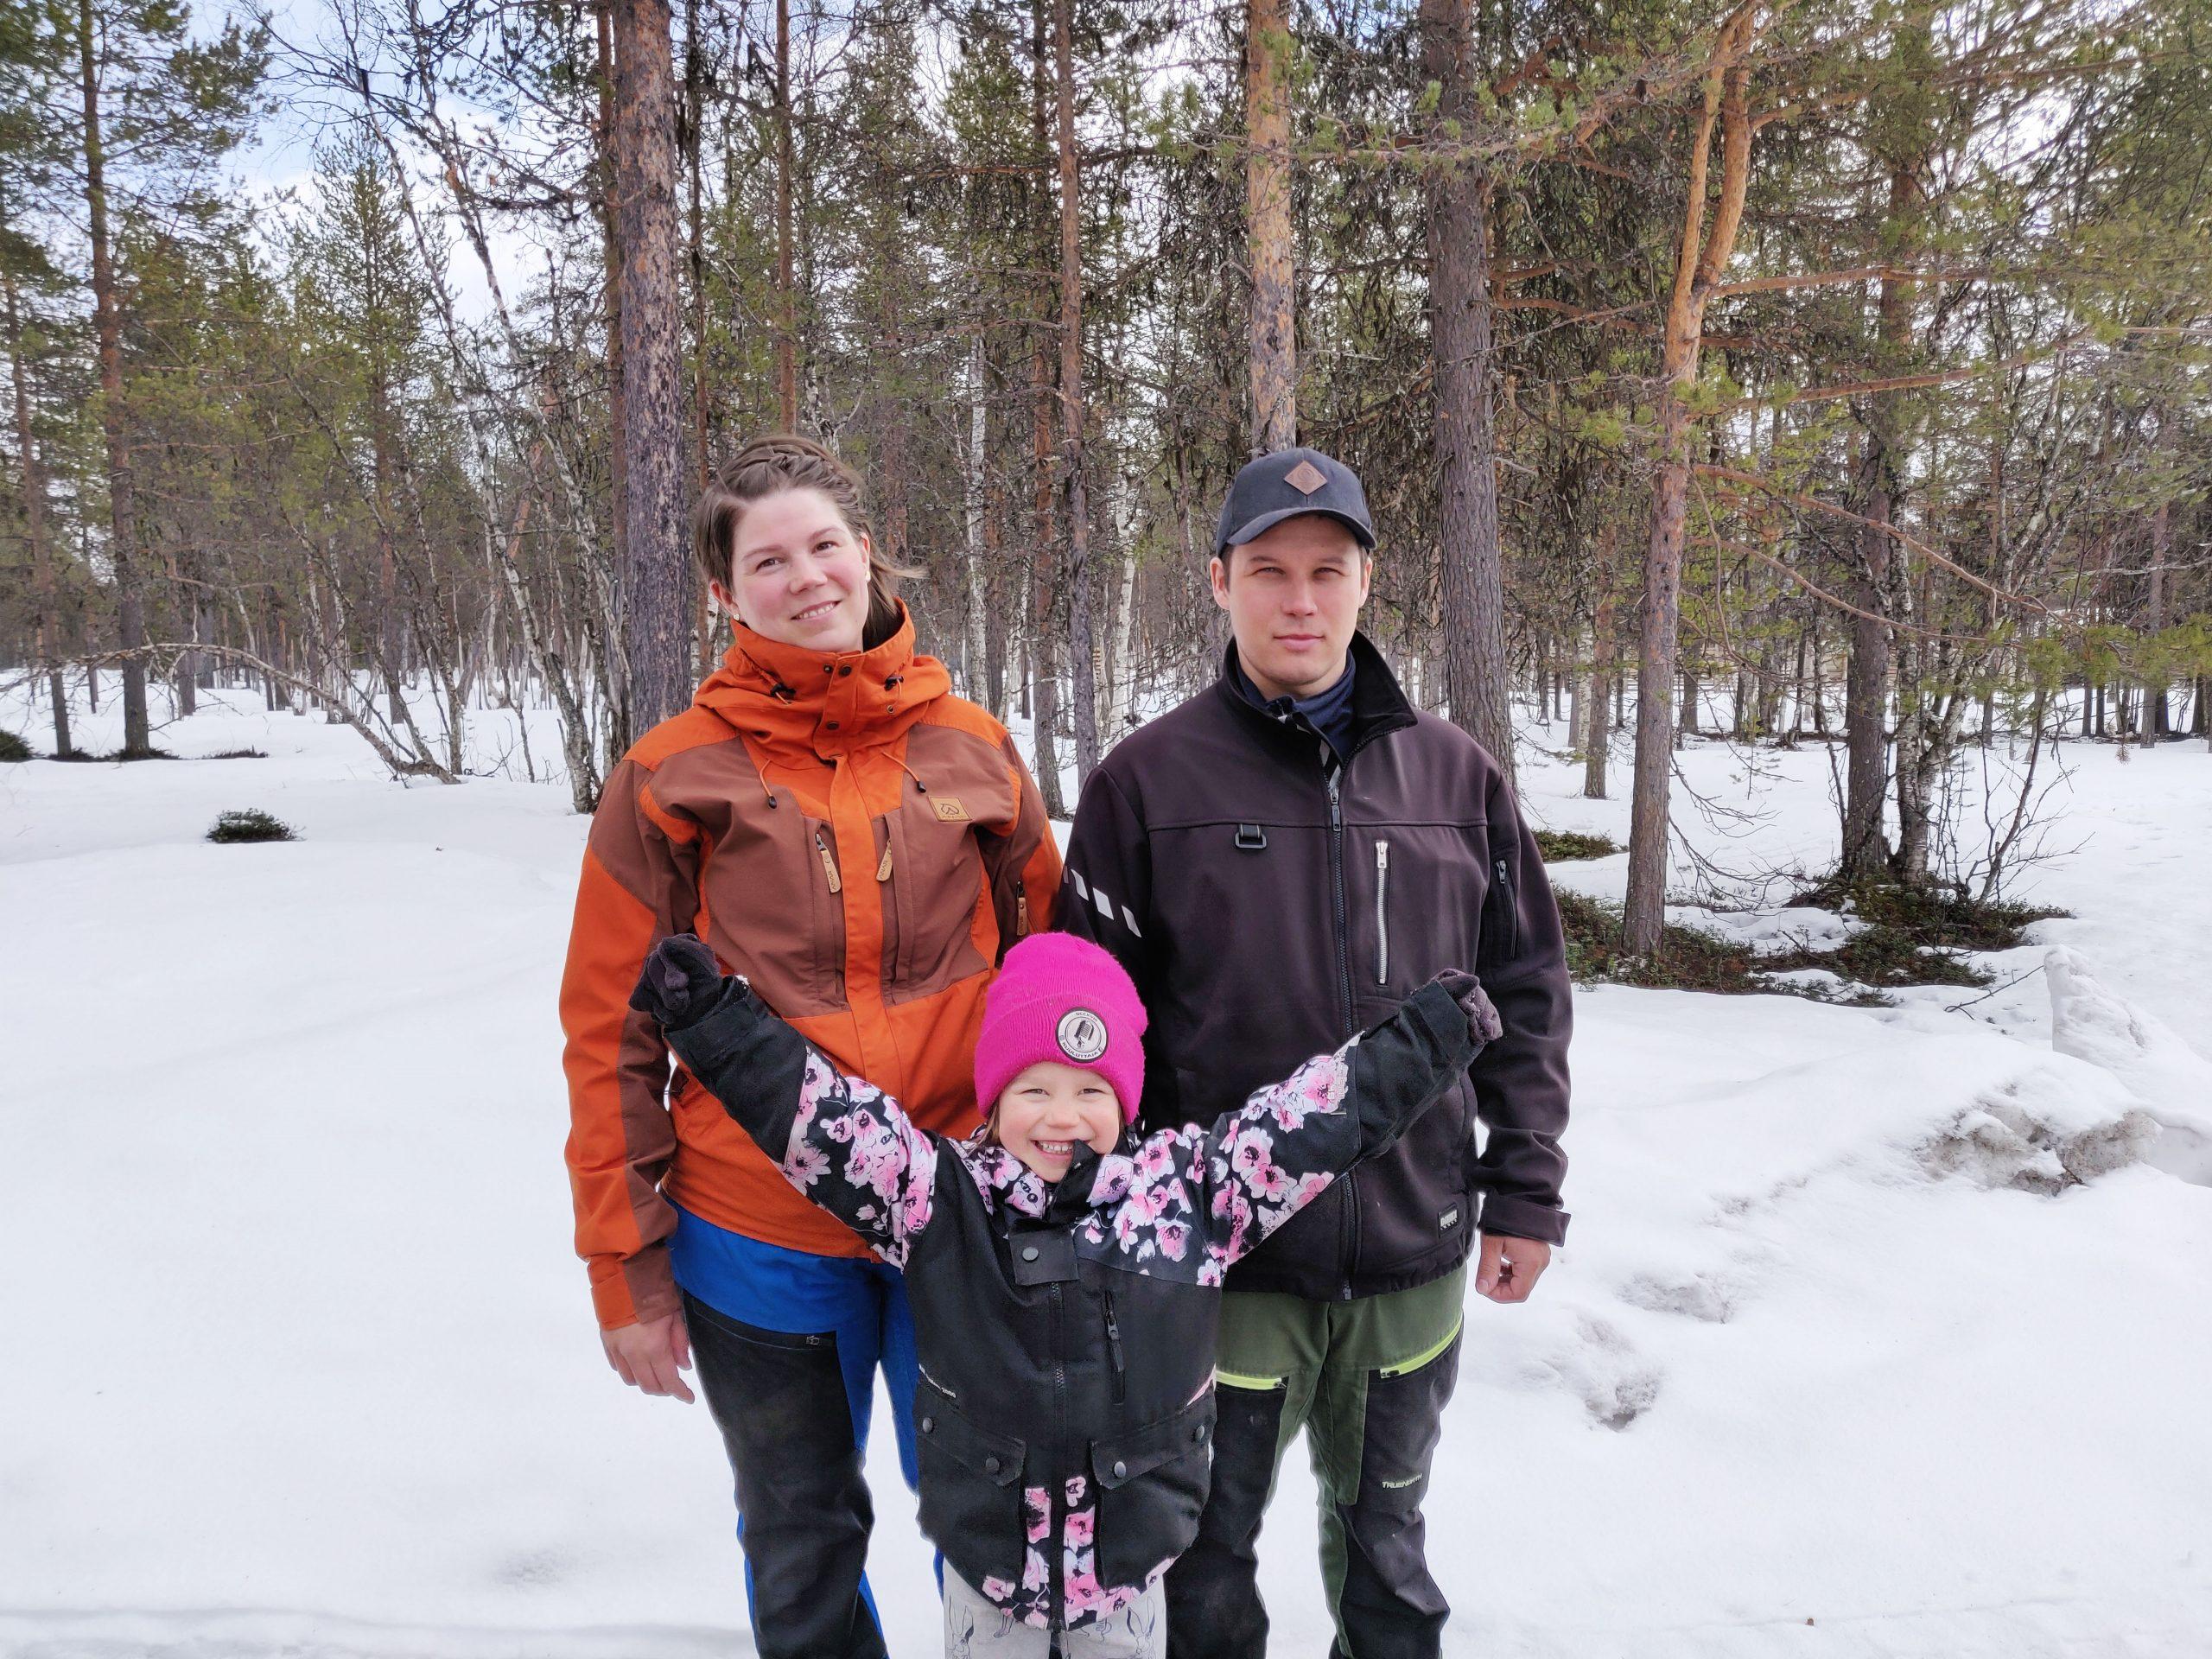 Perhe poseeraa hymyillen kameralle lumisen metsän edessä.